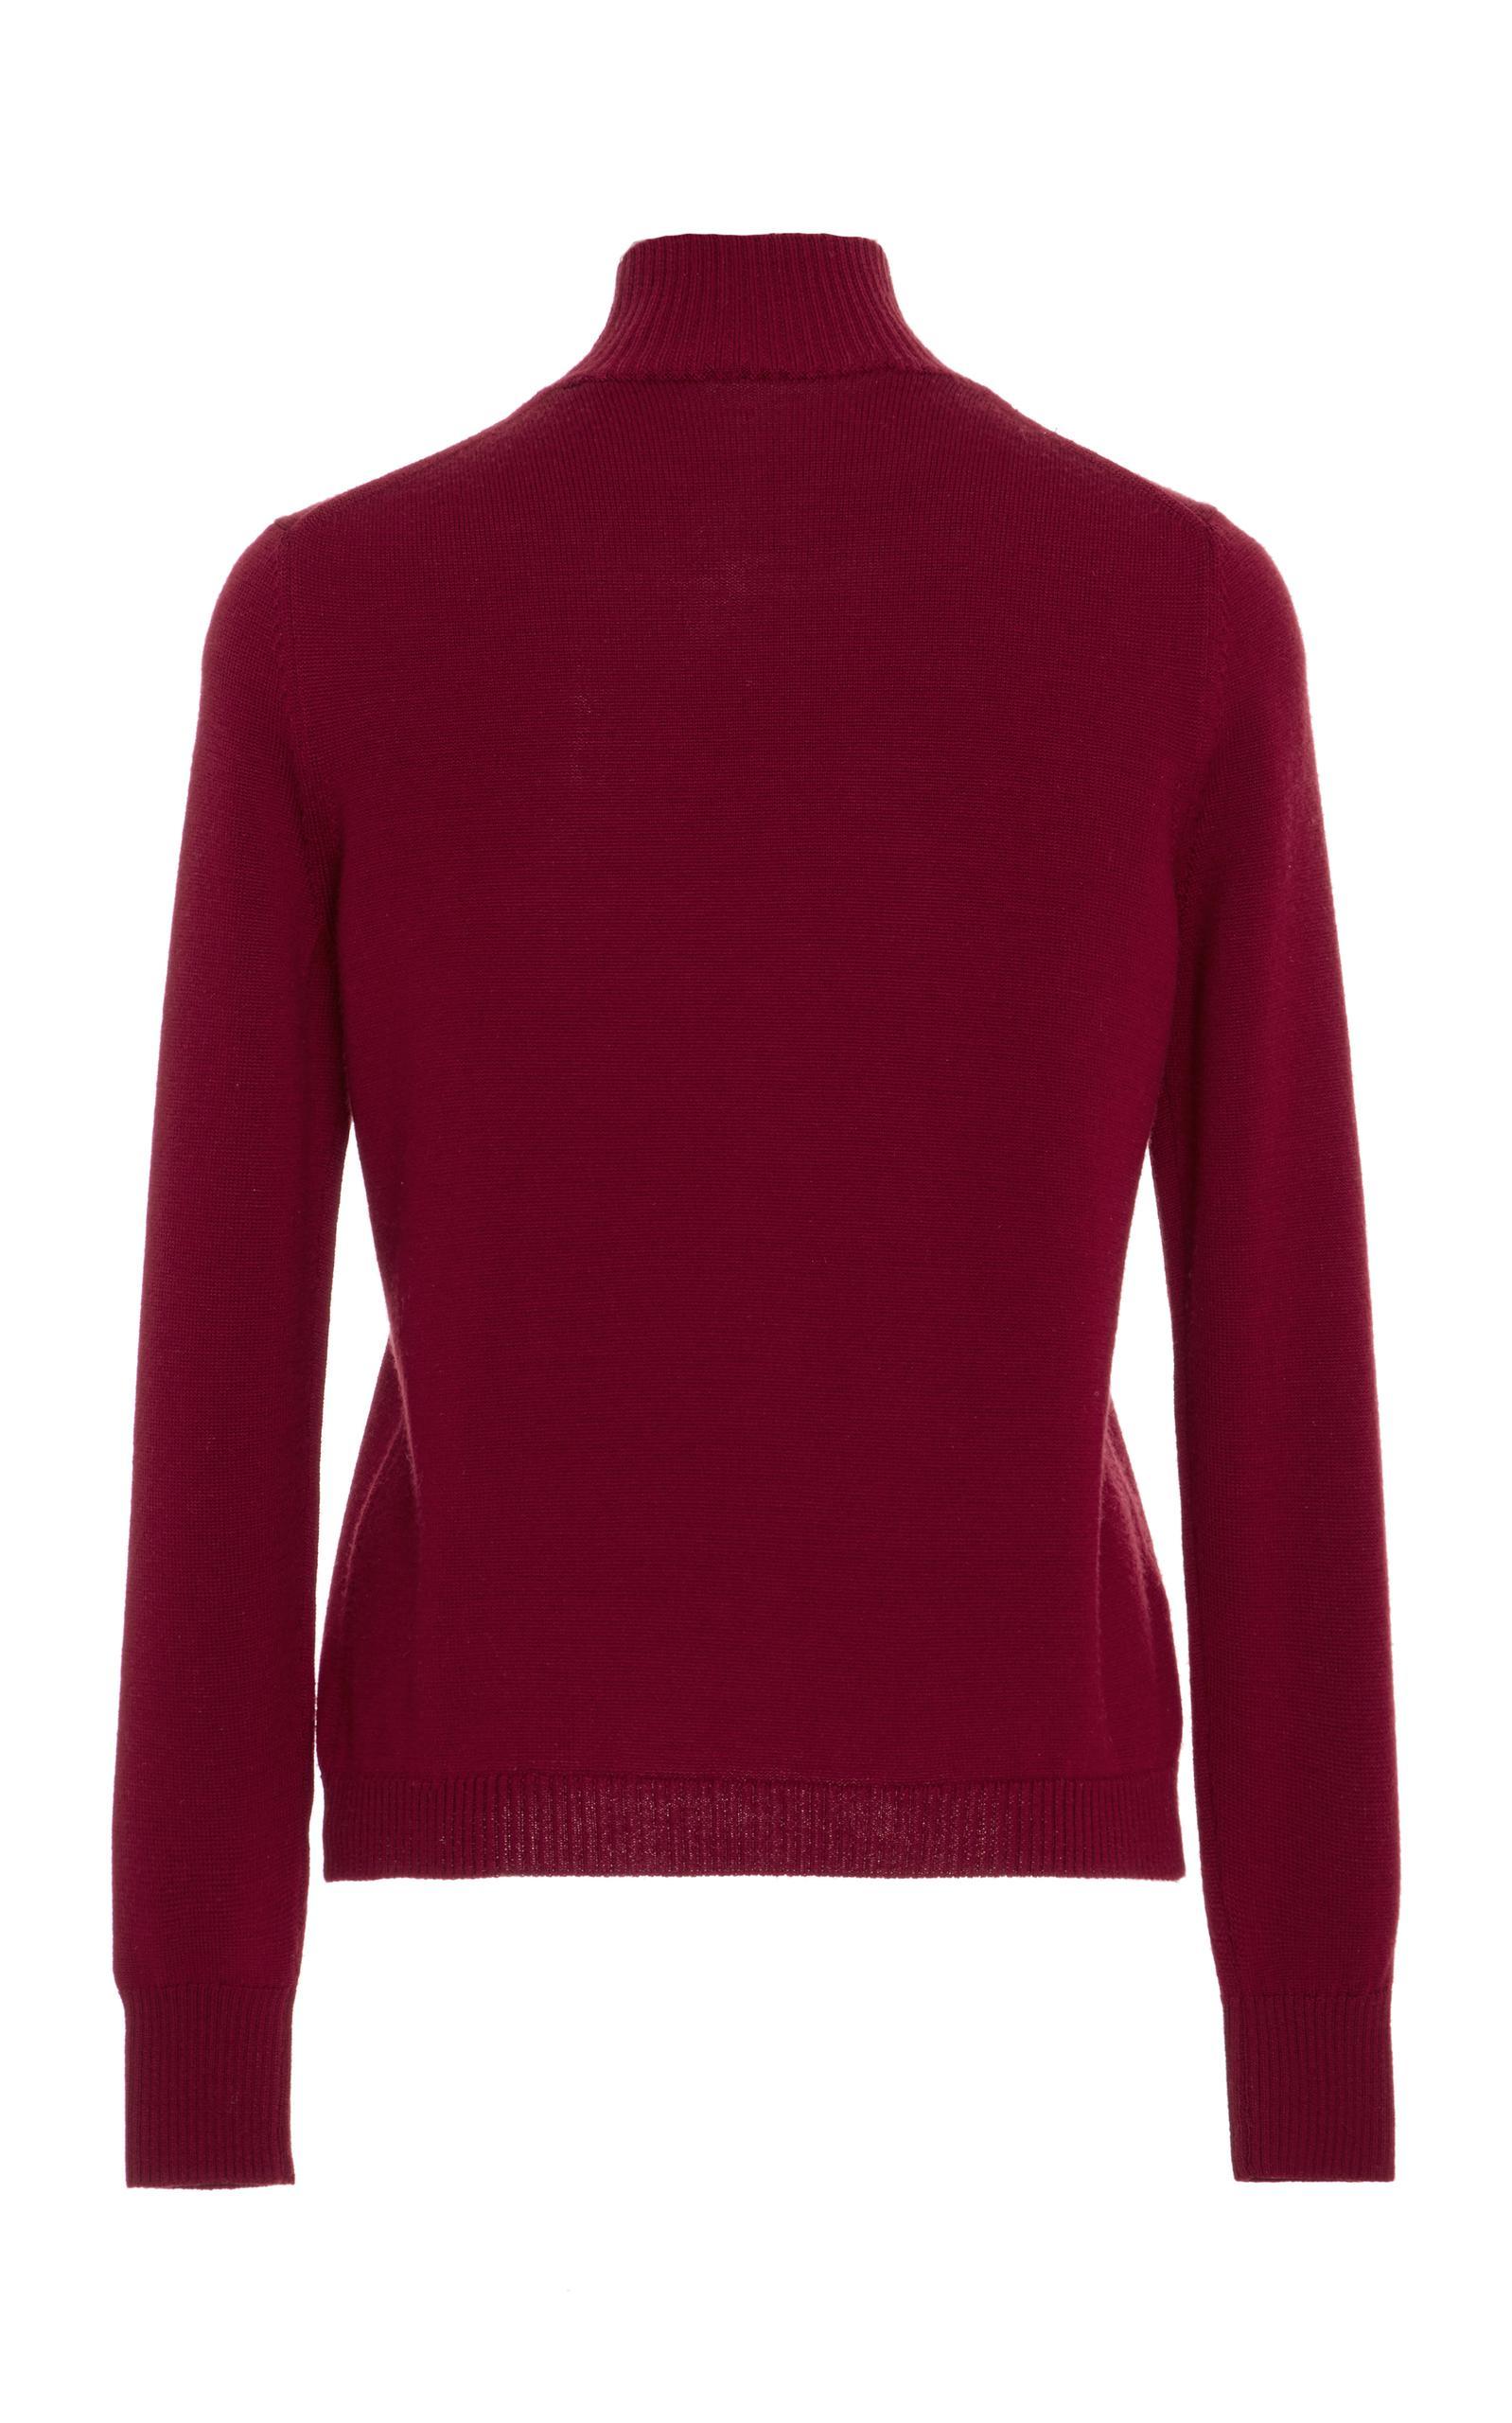 Delpozo L Wool Jumper Size Merino wxBnq0CBF